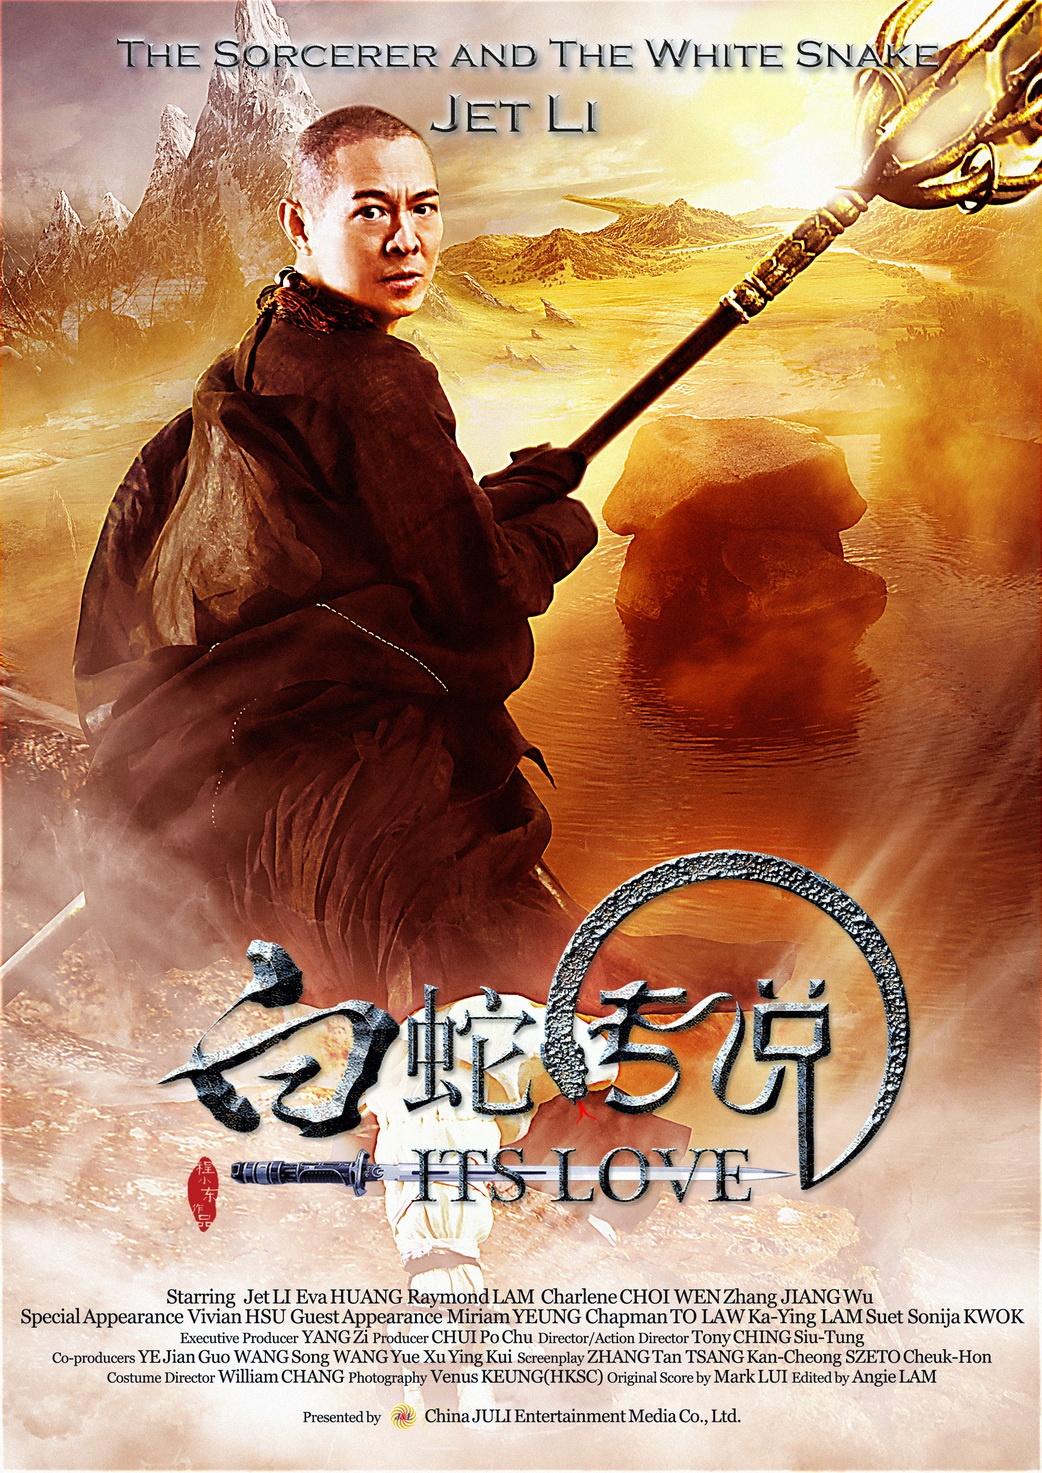 白蛇传说_电影海报_图集_电影网_1905.com